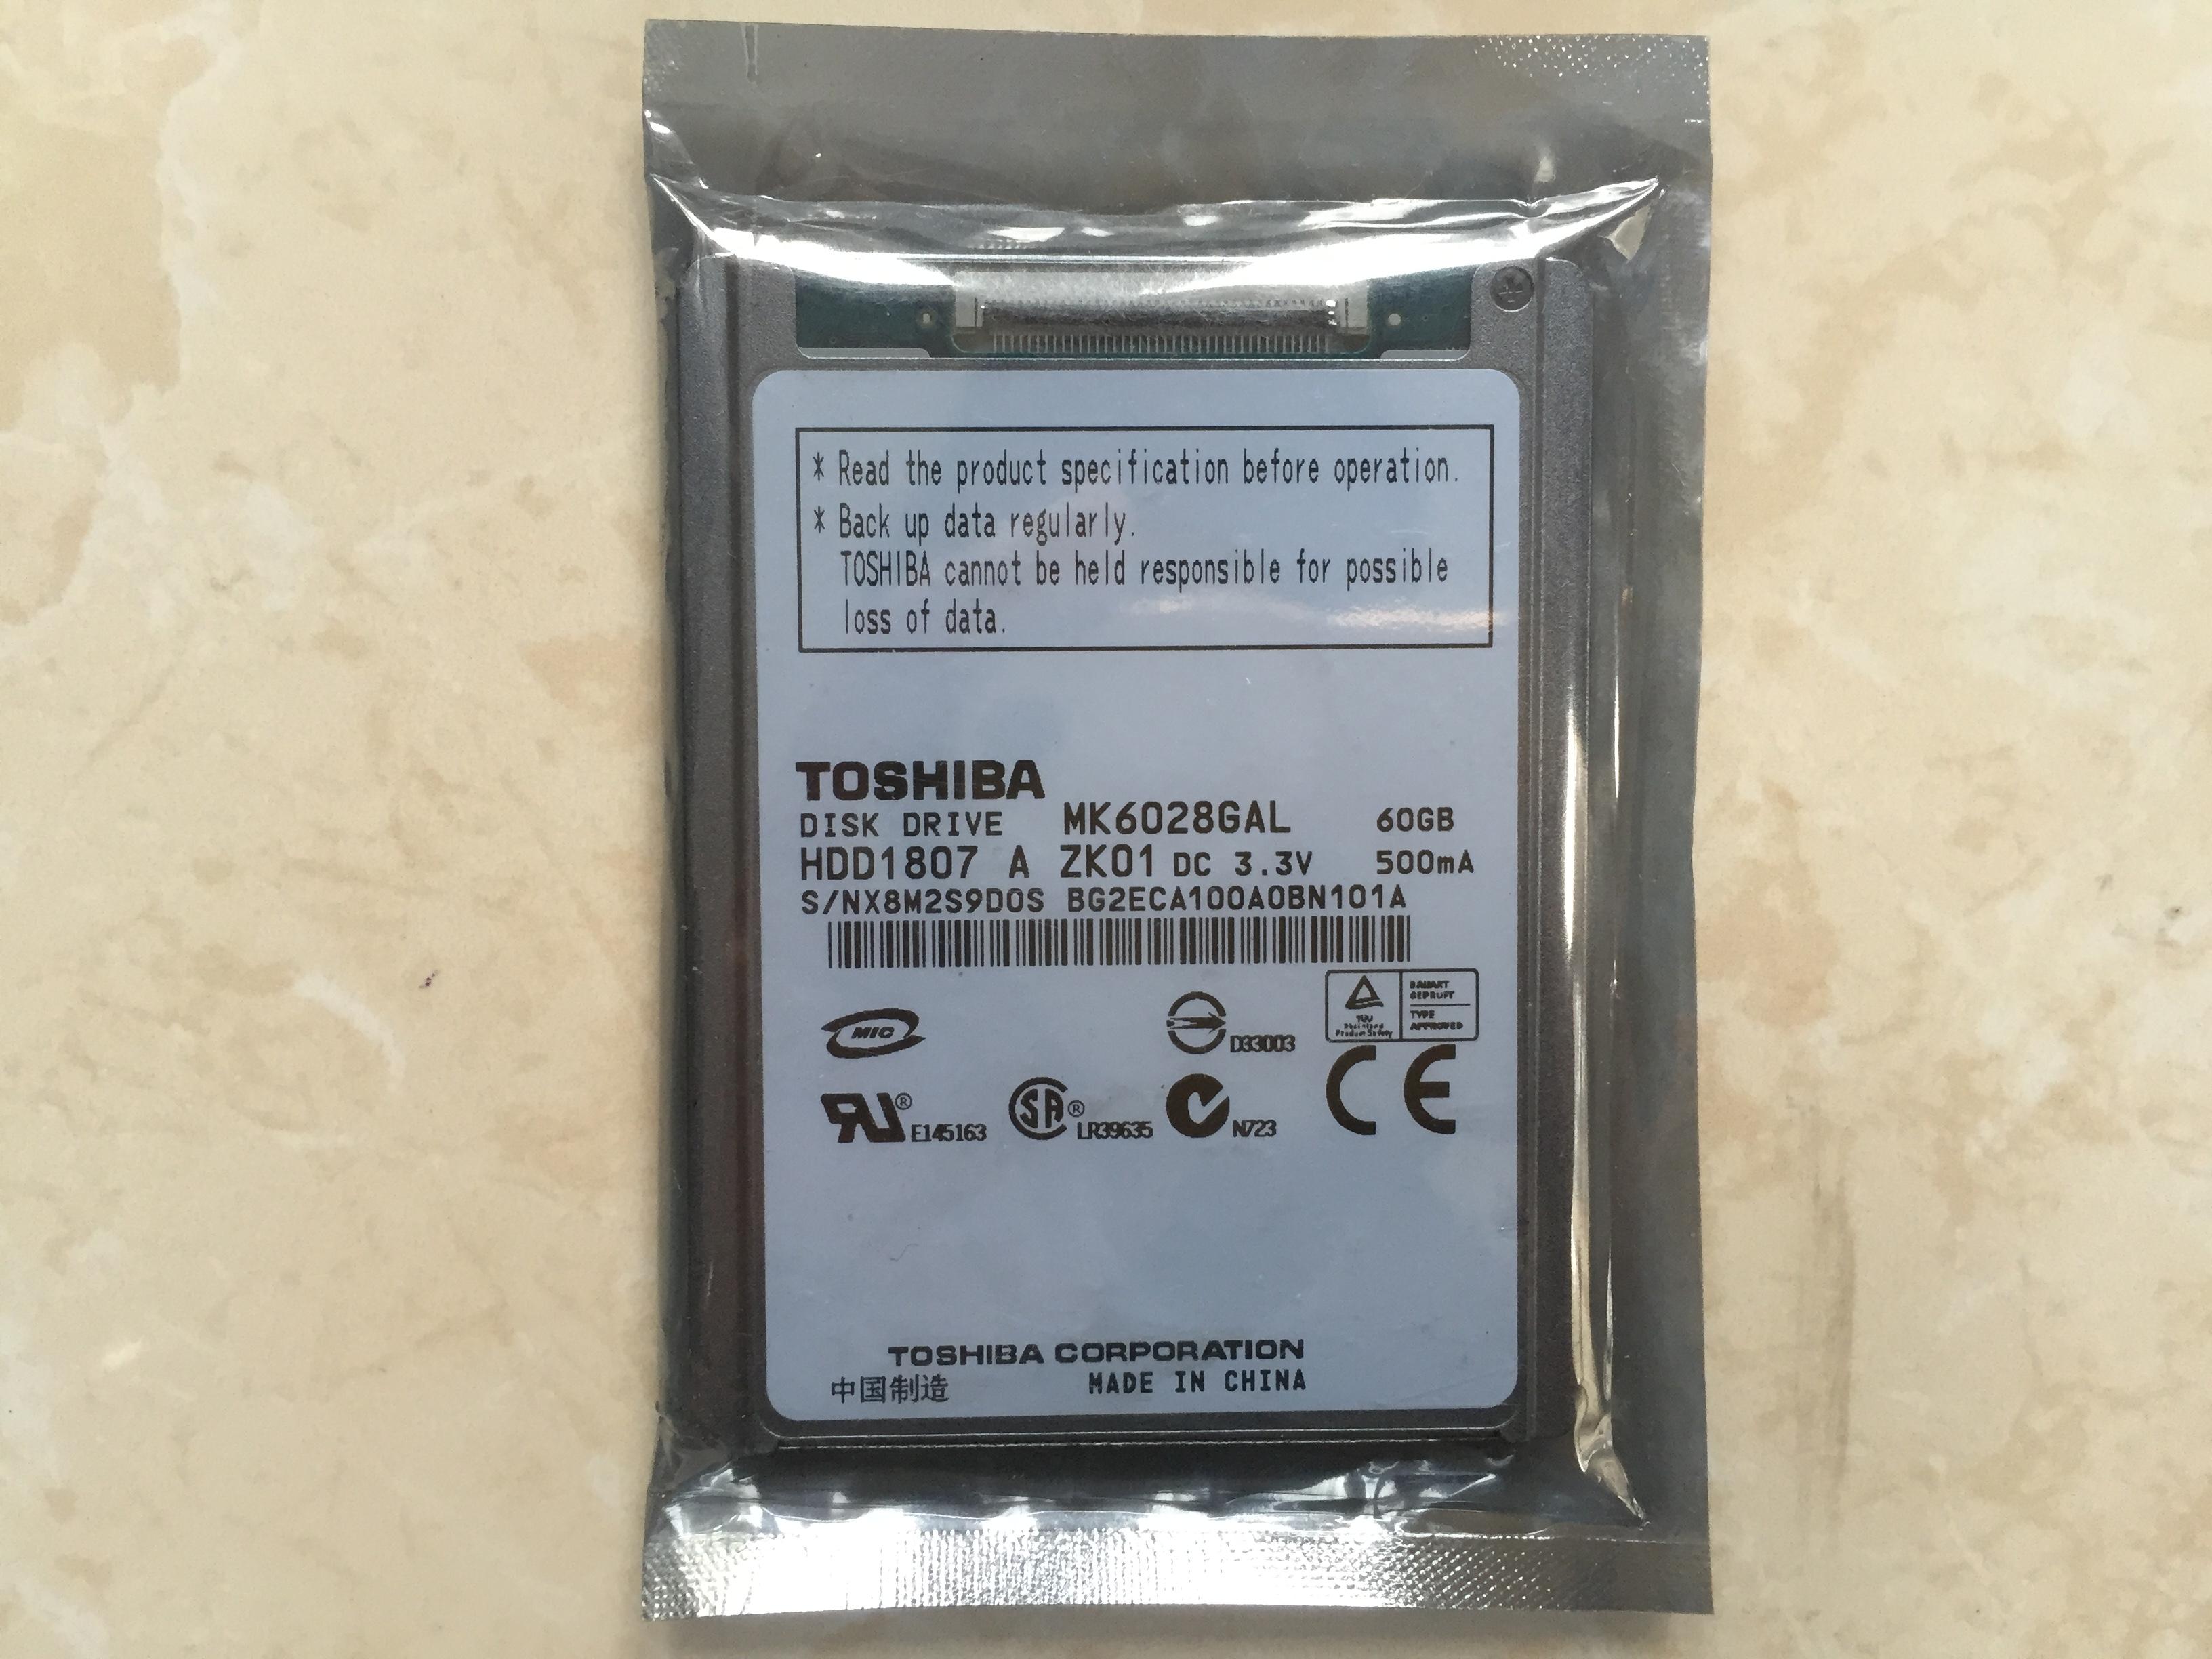 全新原装特价5MM薄盘东芝CE接口1.8寸60G笔记本电脑硬盘MK6028GAL